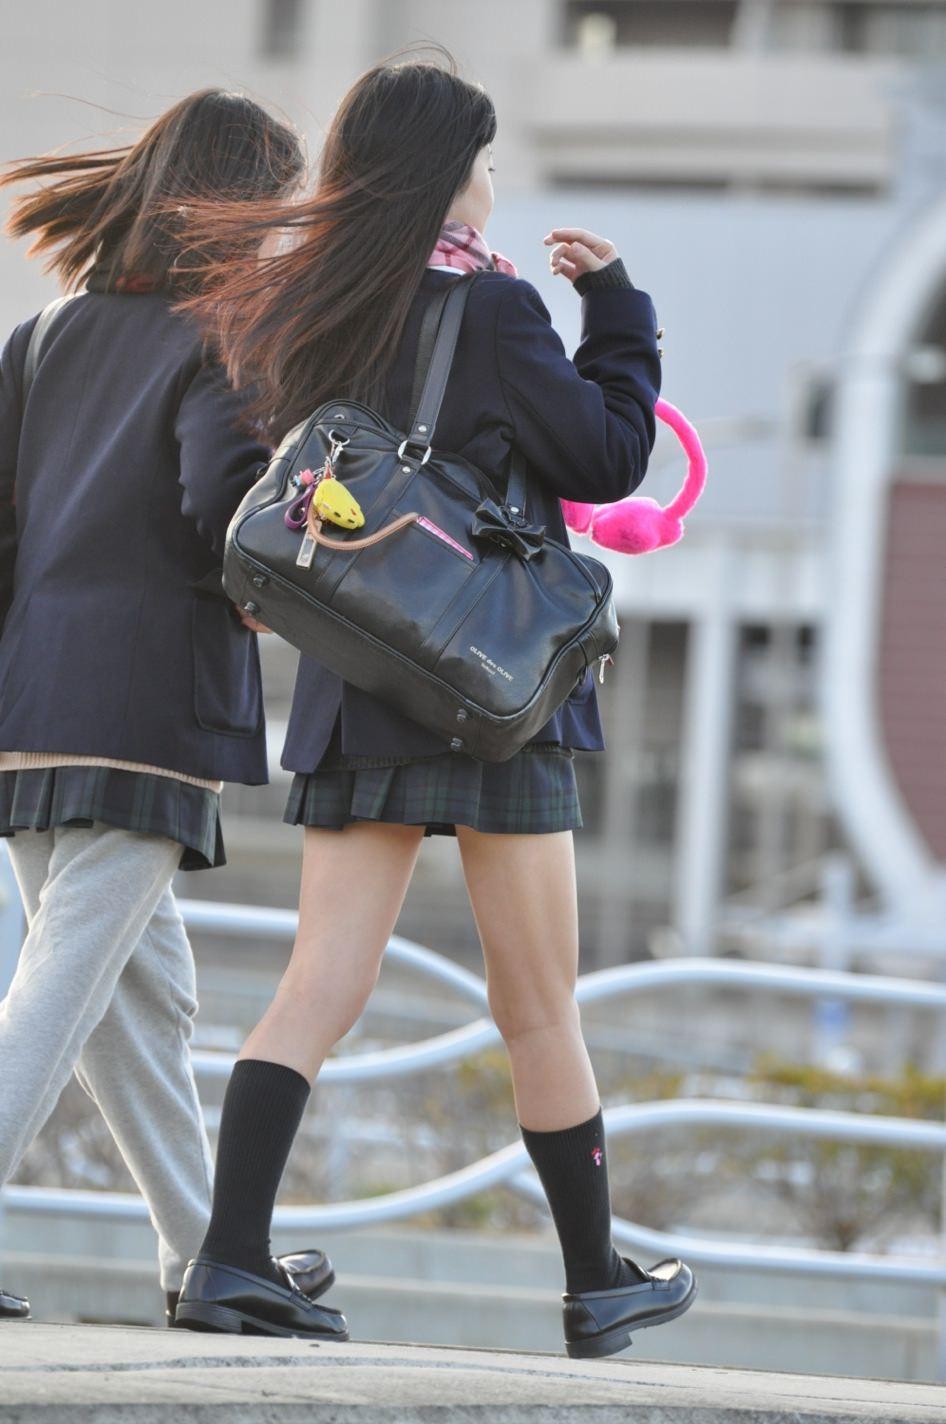 季節の変わり目にJKの制服姿が変化する街撮り画像wwwwwww LP787Ui